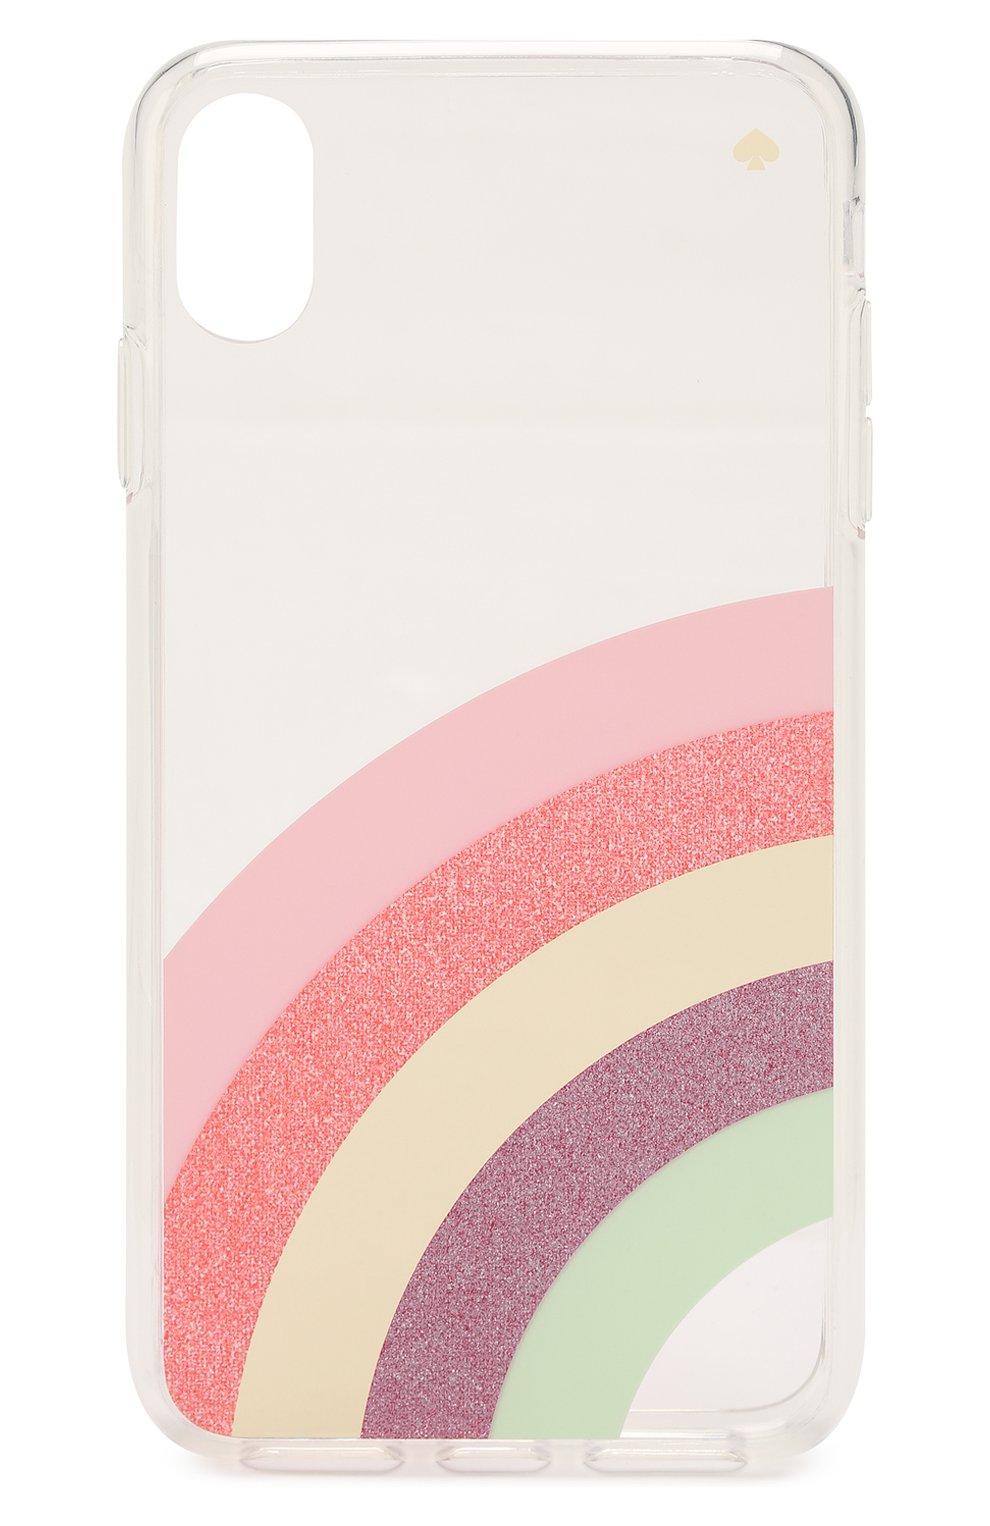 Мужской чехол для iphone xs max KATE SPADE NEW YORK прозрачного цвета, арт. 8ARU6235 | Фото 1